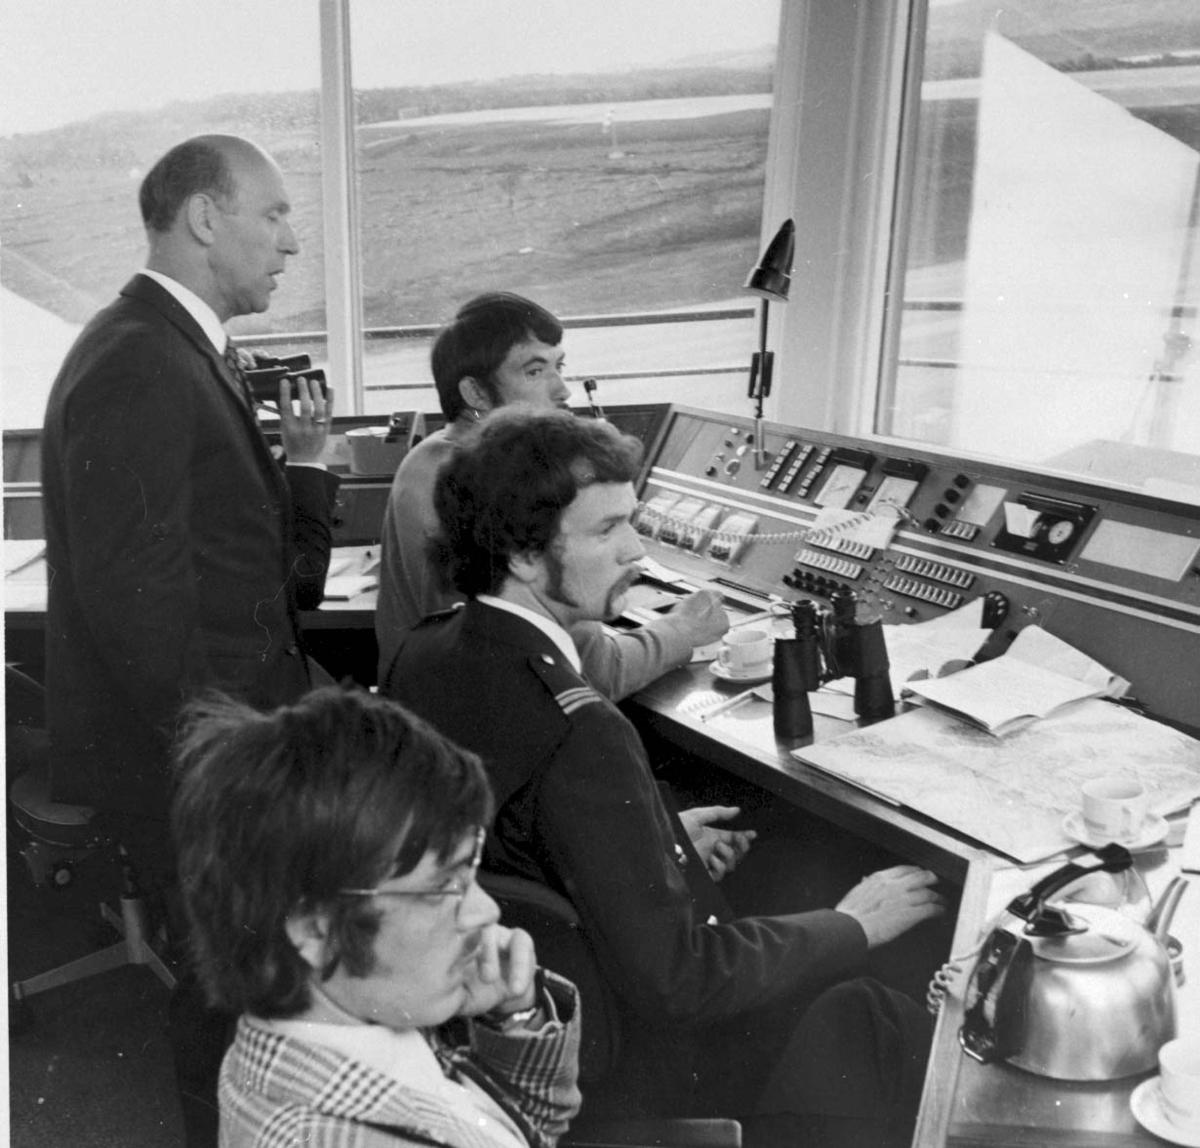 Lufthavn. Gruppebilde. Flere personer, menn inne i kontrolltårnet.